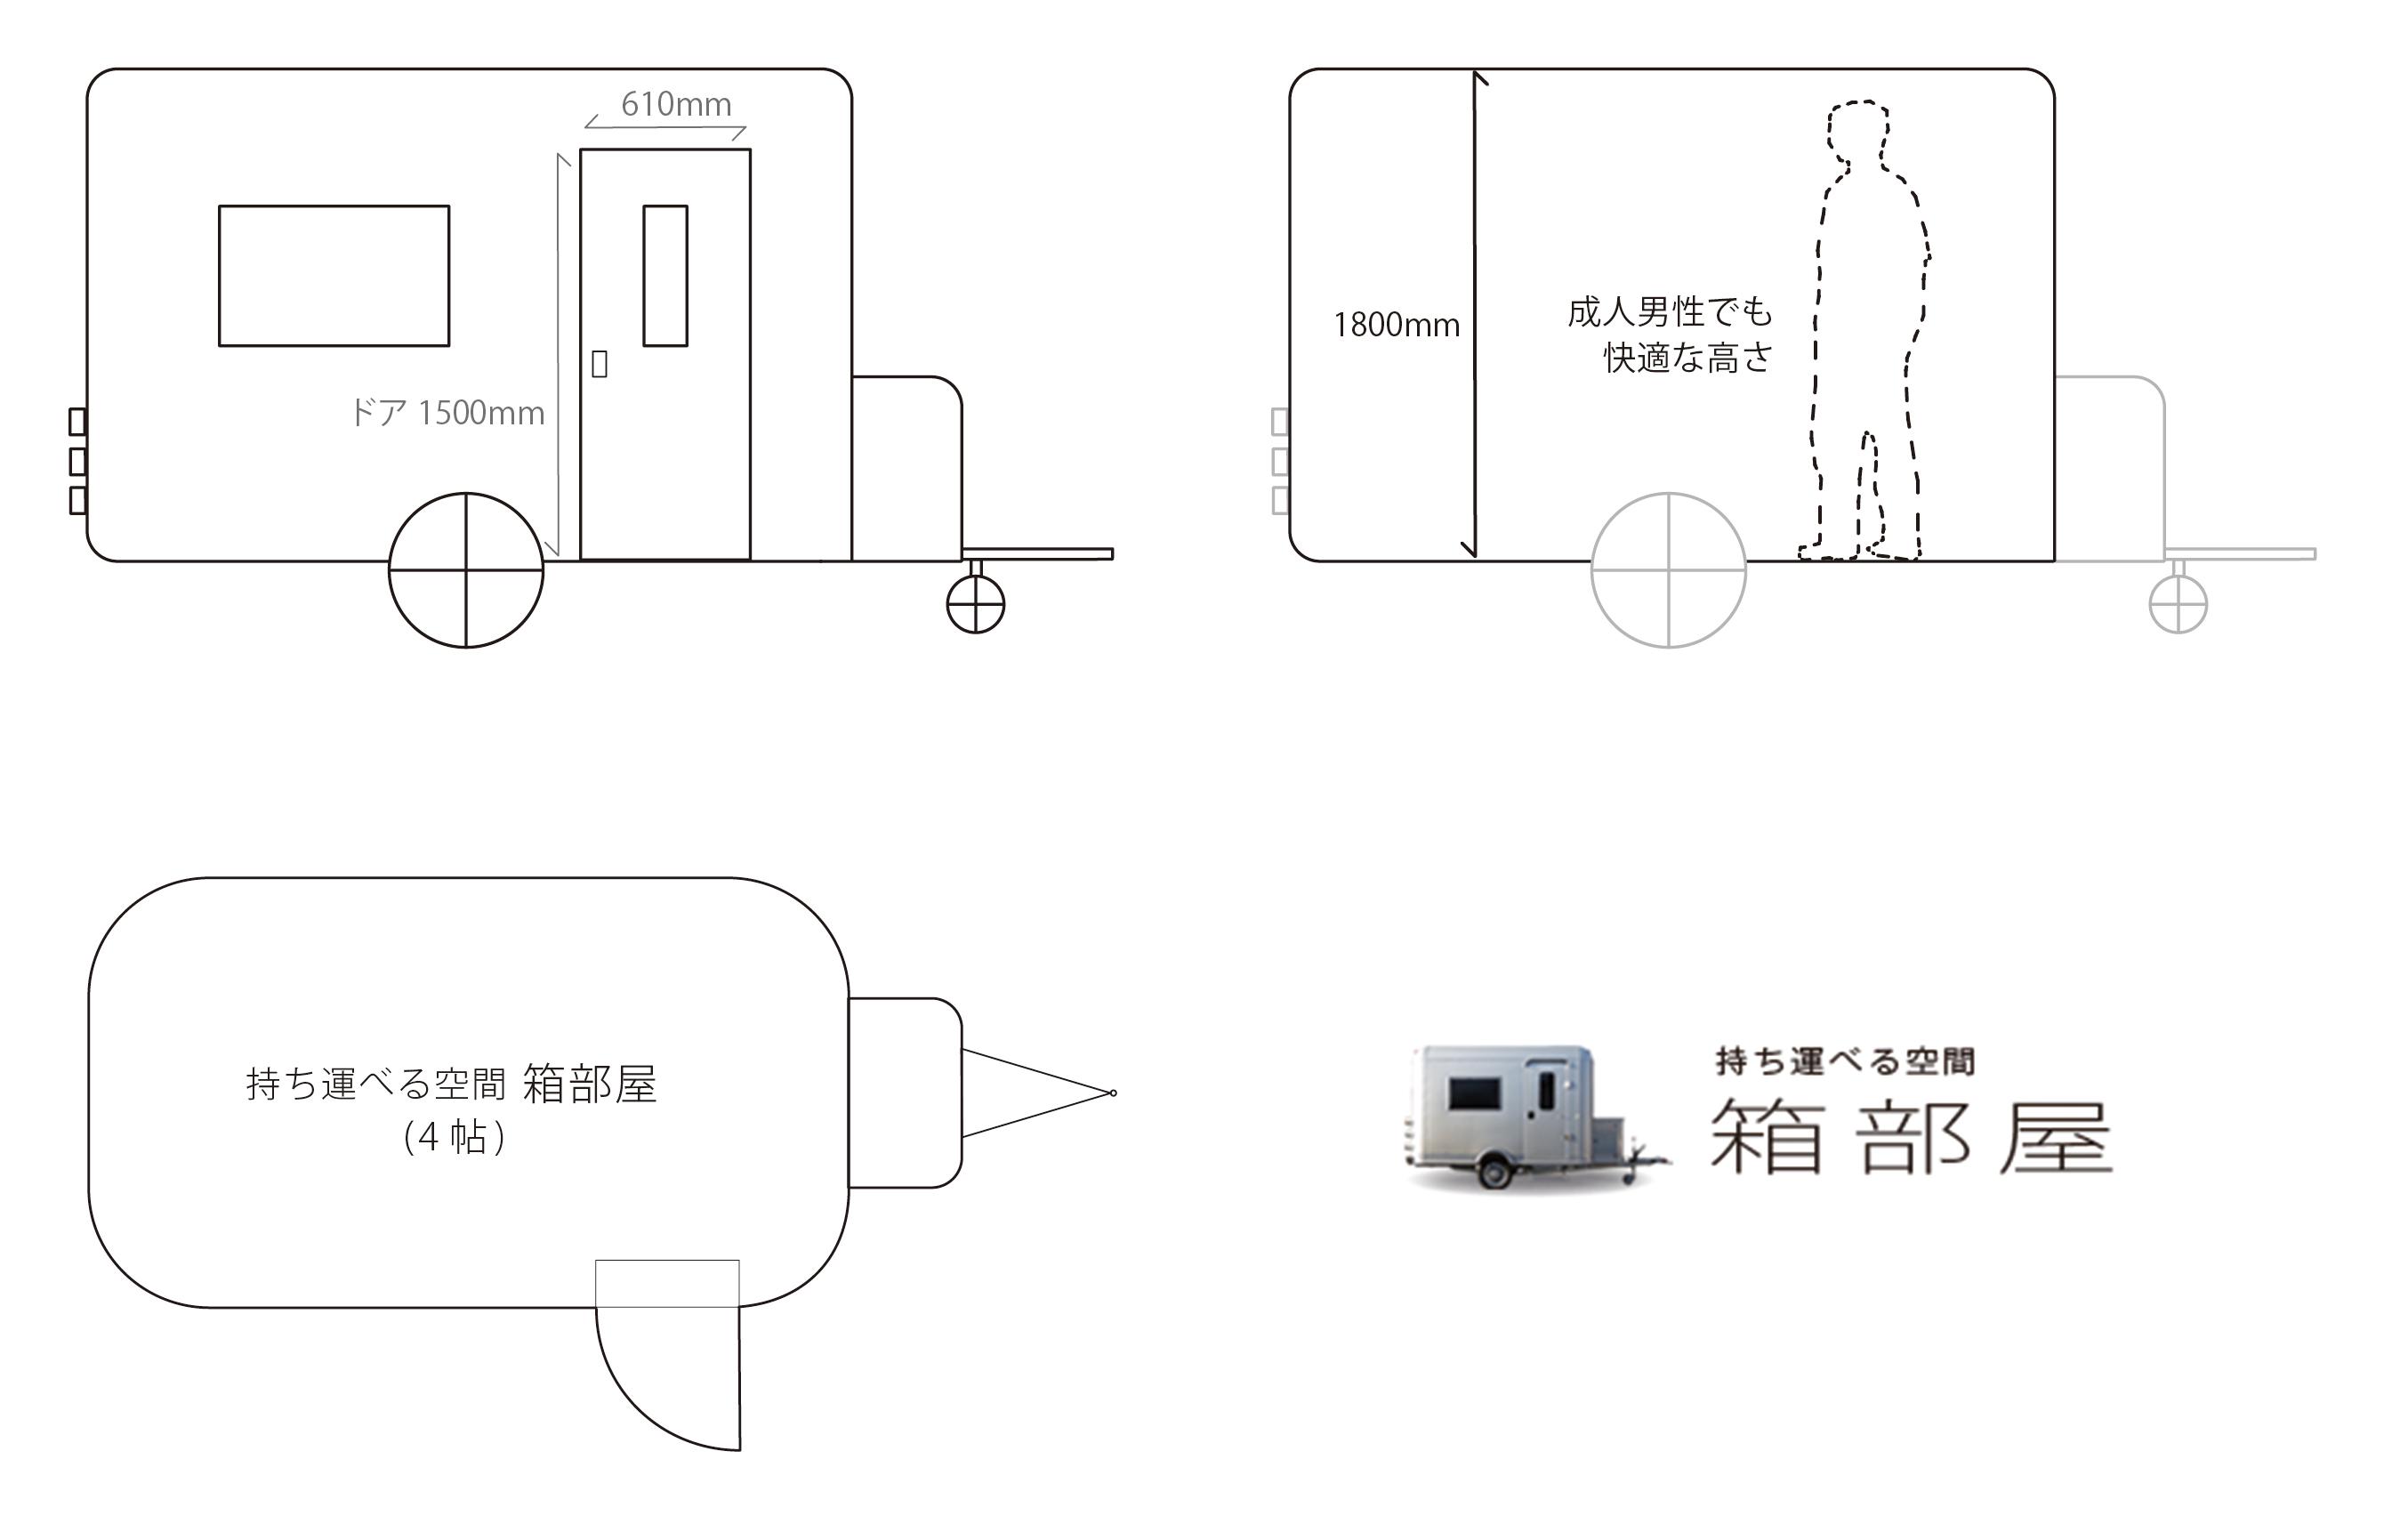 箱部屋の詳細の画像